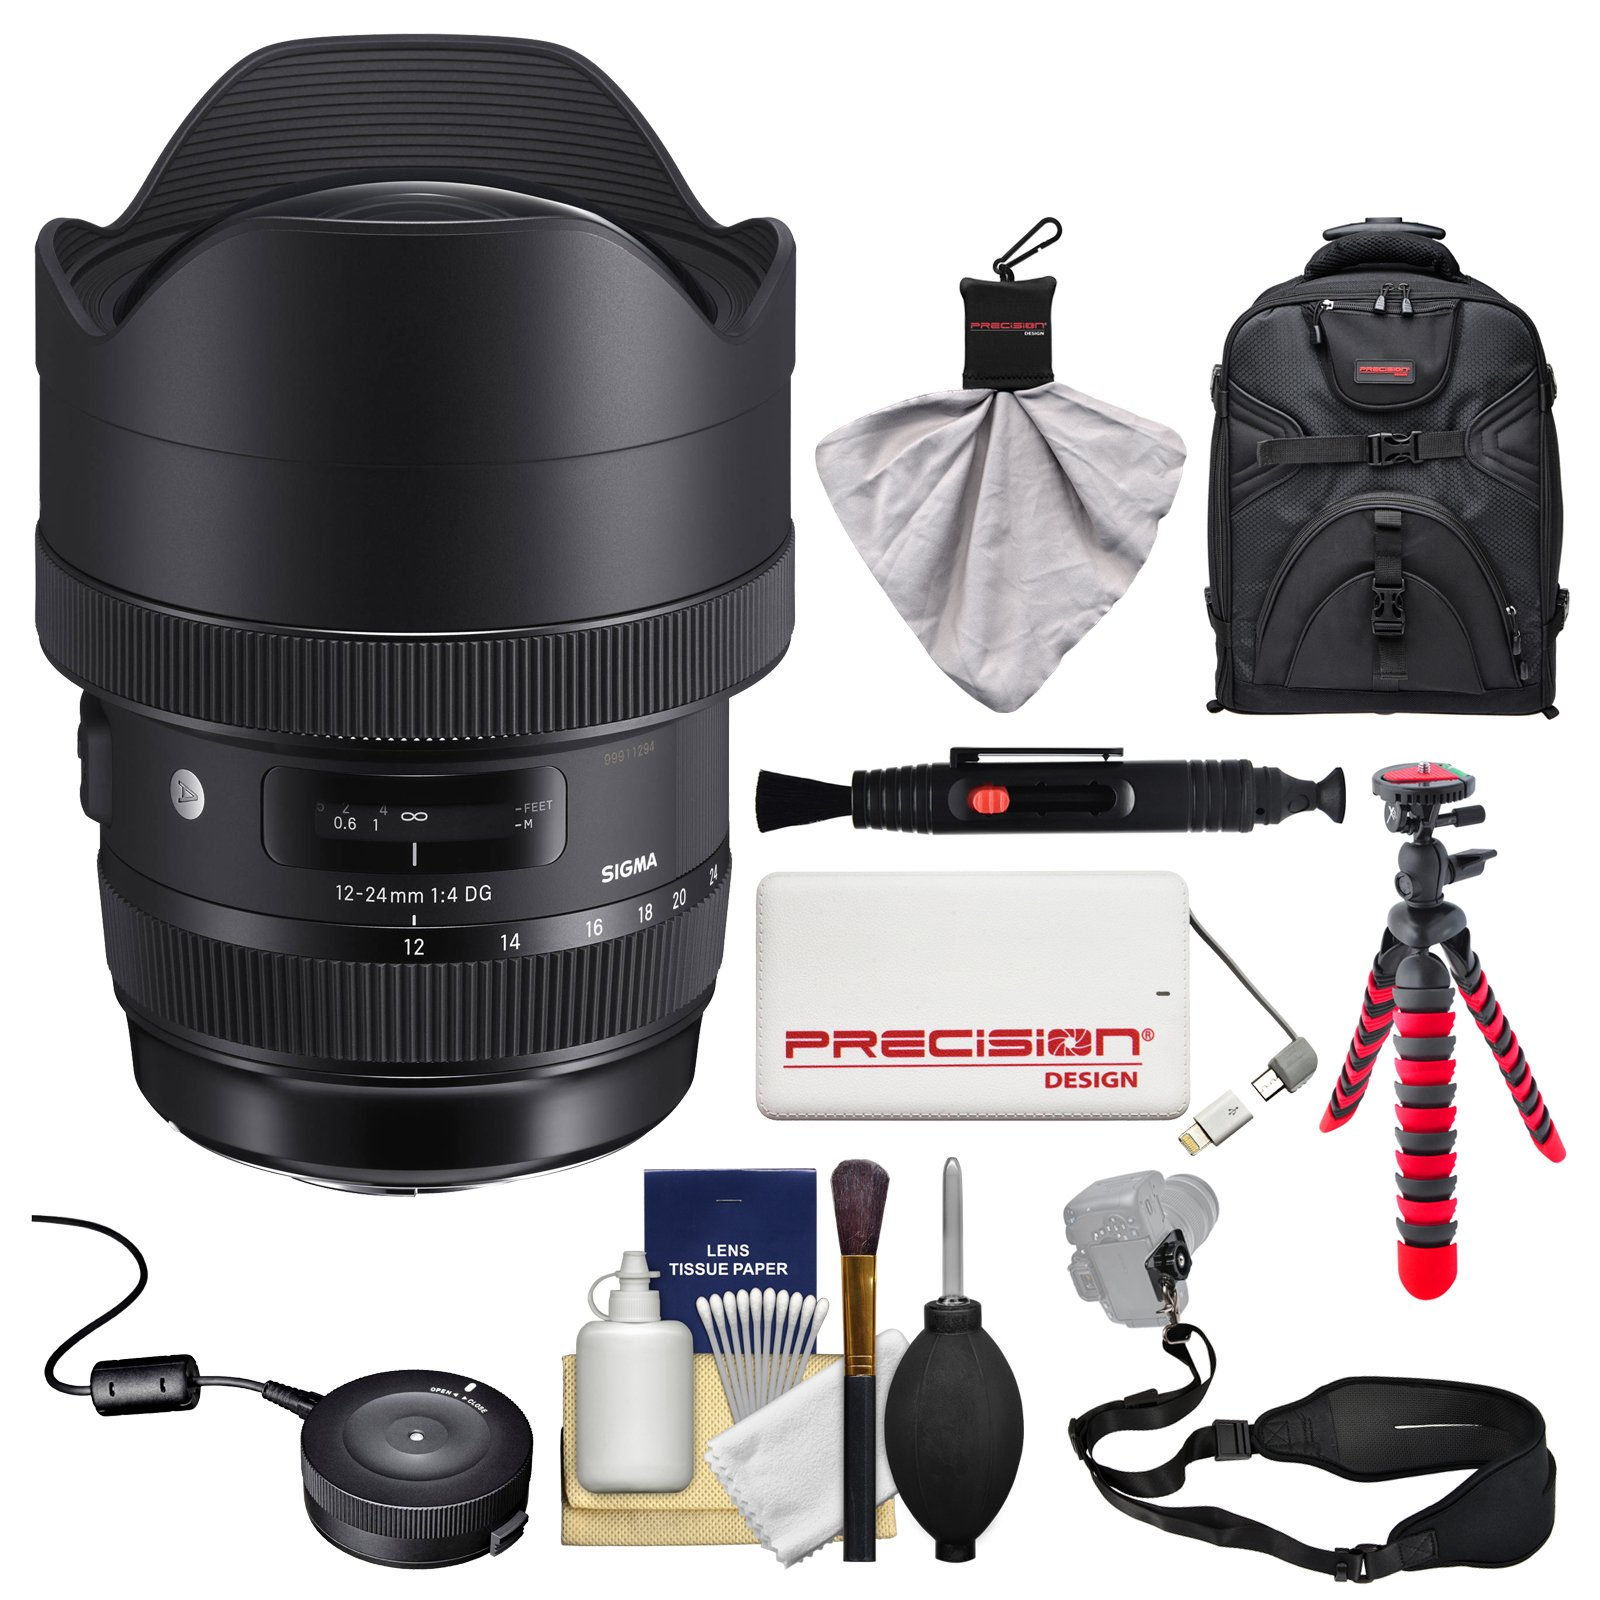 Sigma 12-24mm f/4 ART DG HSM Zoom Lens for Nikon DSLR Cameras with USB Dock + Backpack + Flex Tripod + Power Bank + Strap + Kit